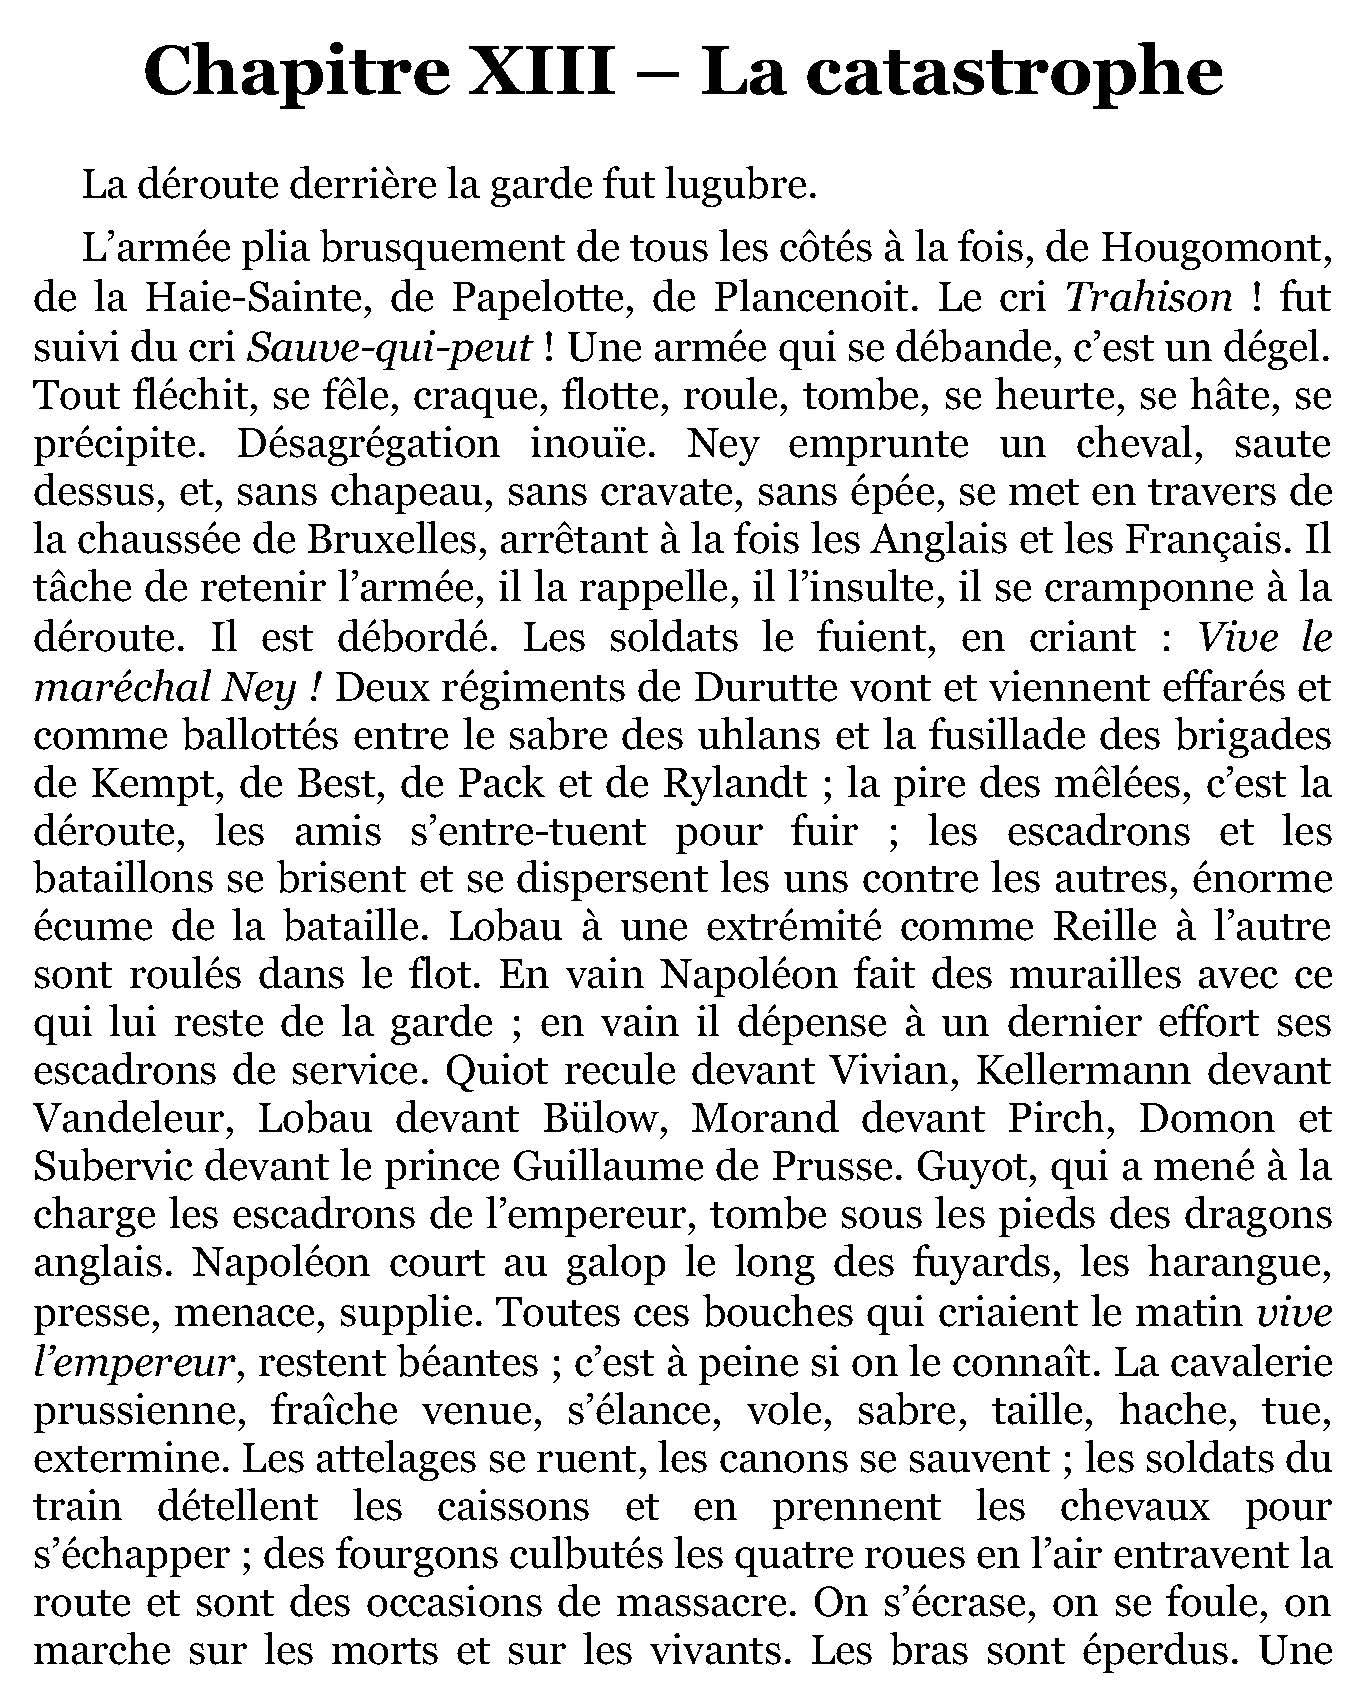 Les misérables - Tome 2 - Cosette de Victor Hugo en pdf 1